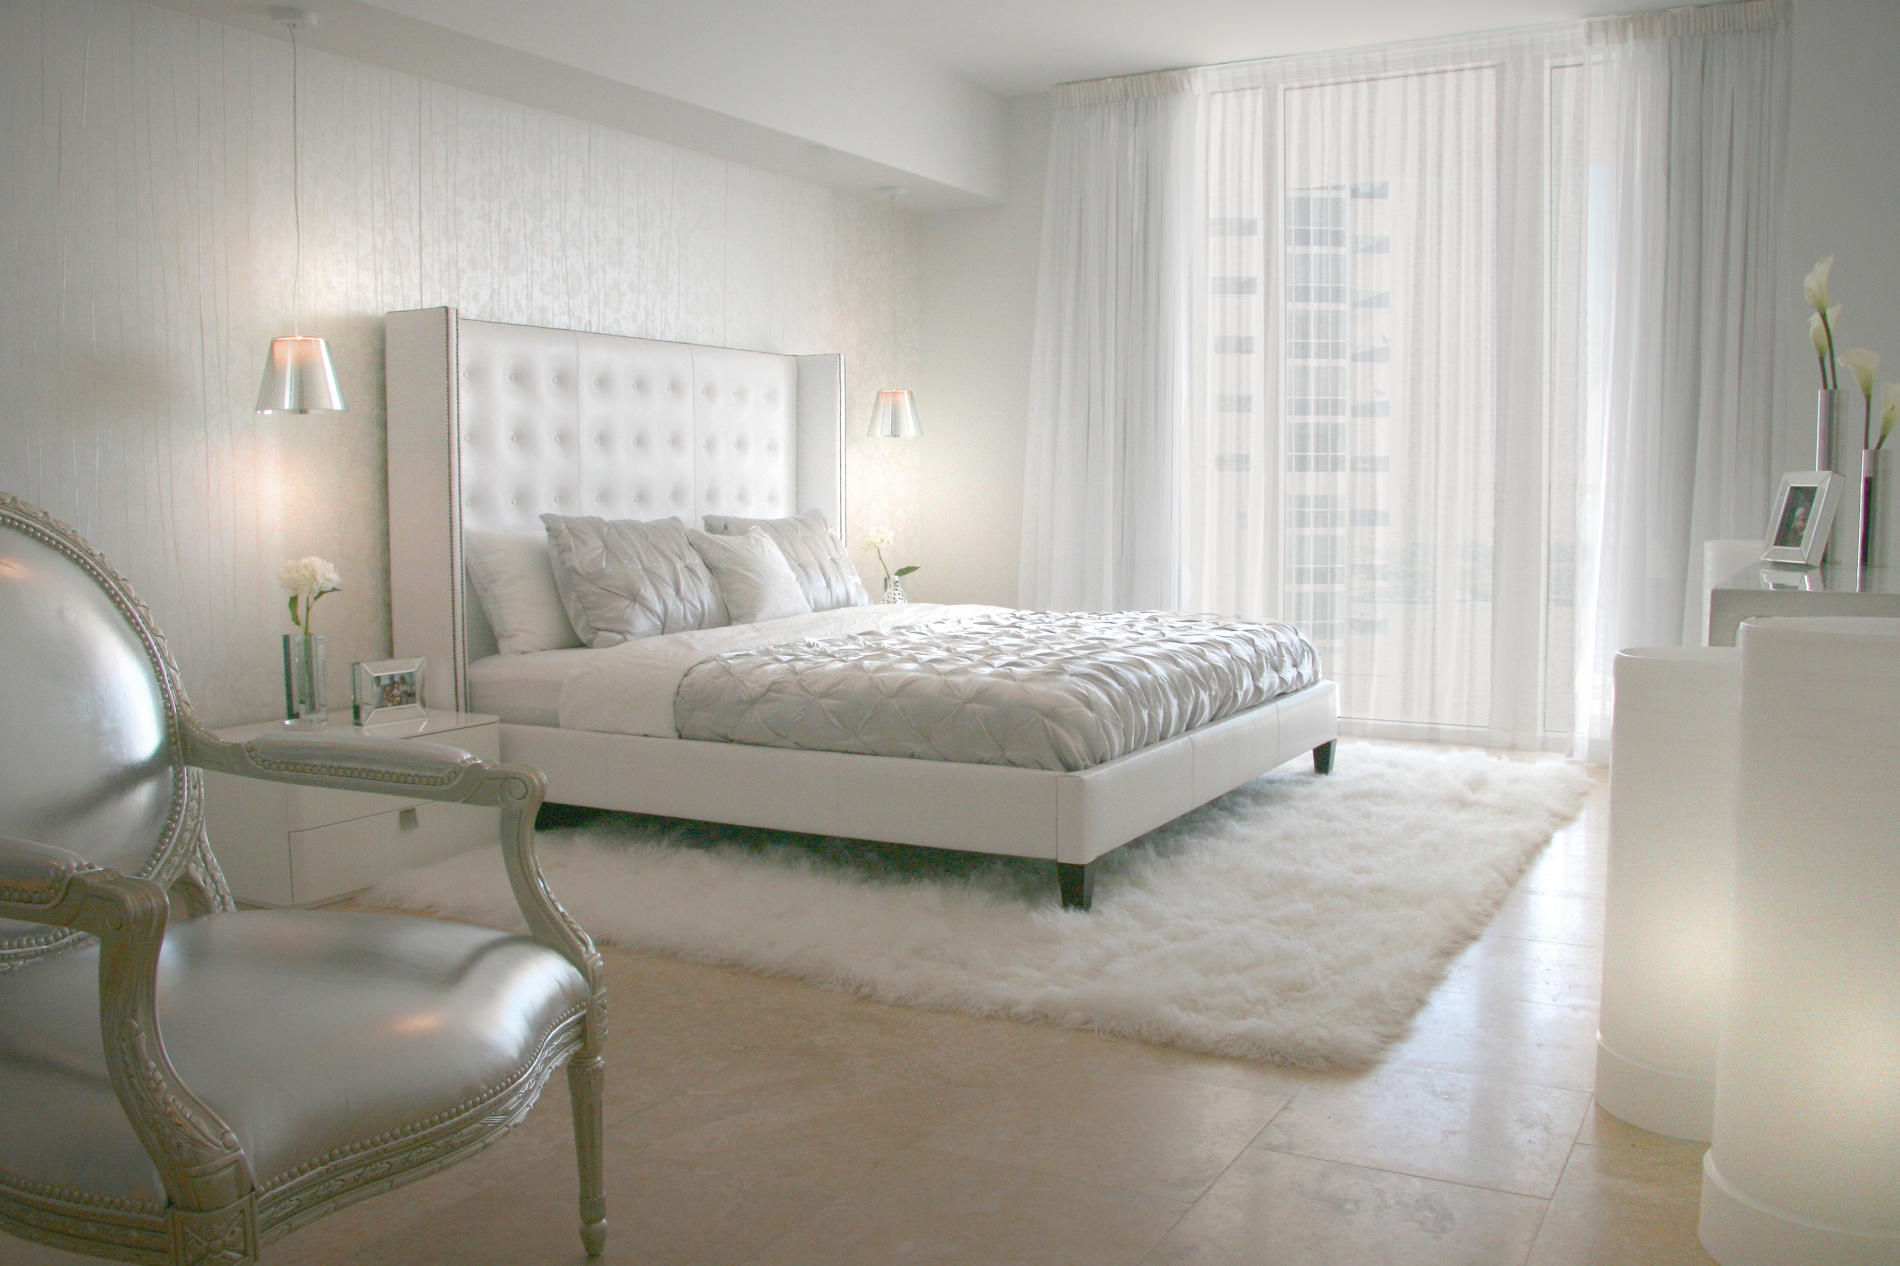 اجمل تصاميم ستائر ناعمة لغرف النوم